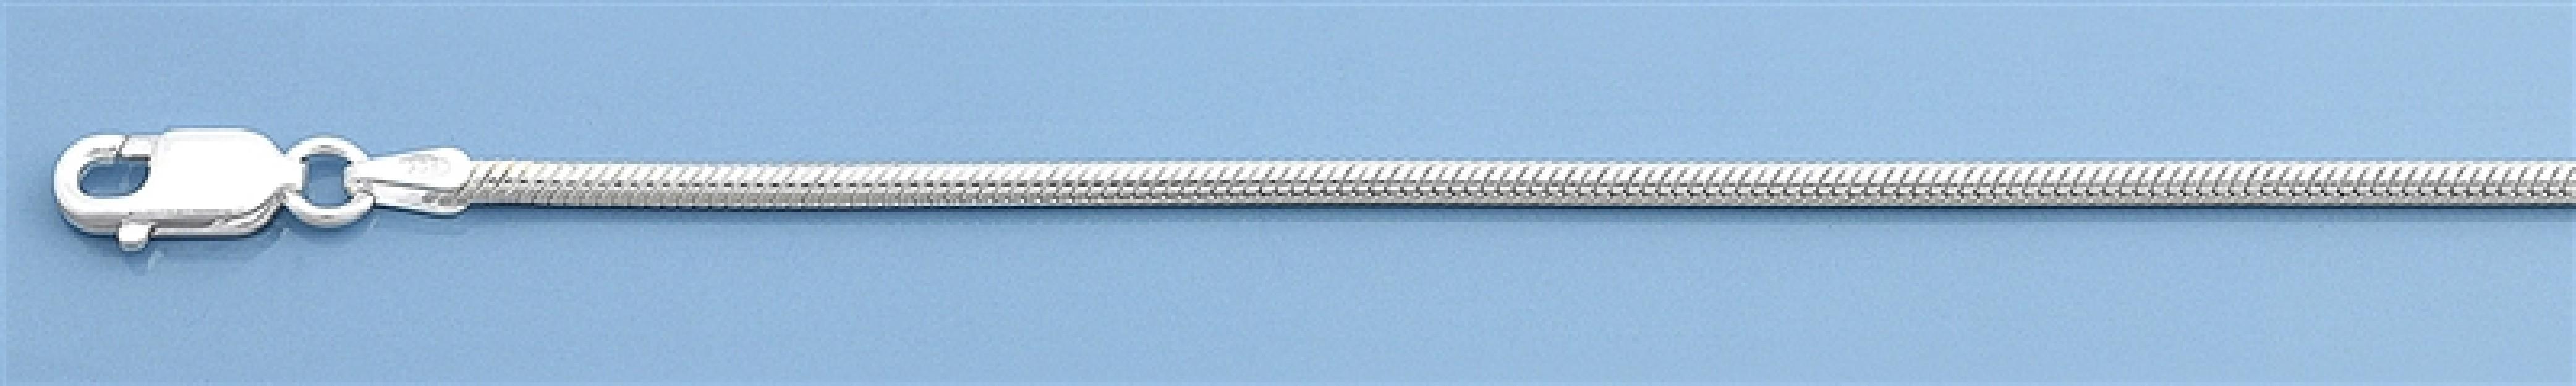 Chaine mixte maille Serpent 0,9 mm argent 925